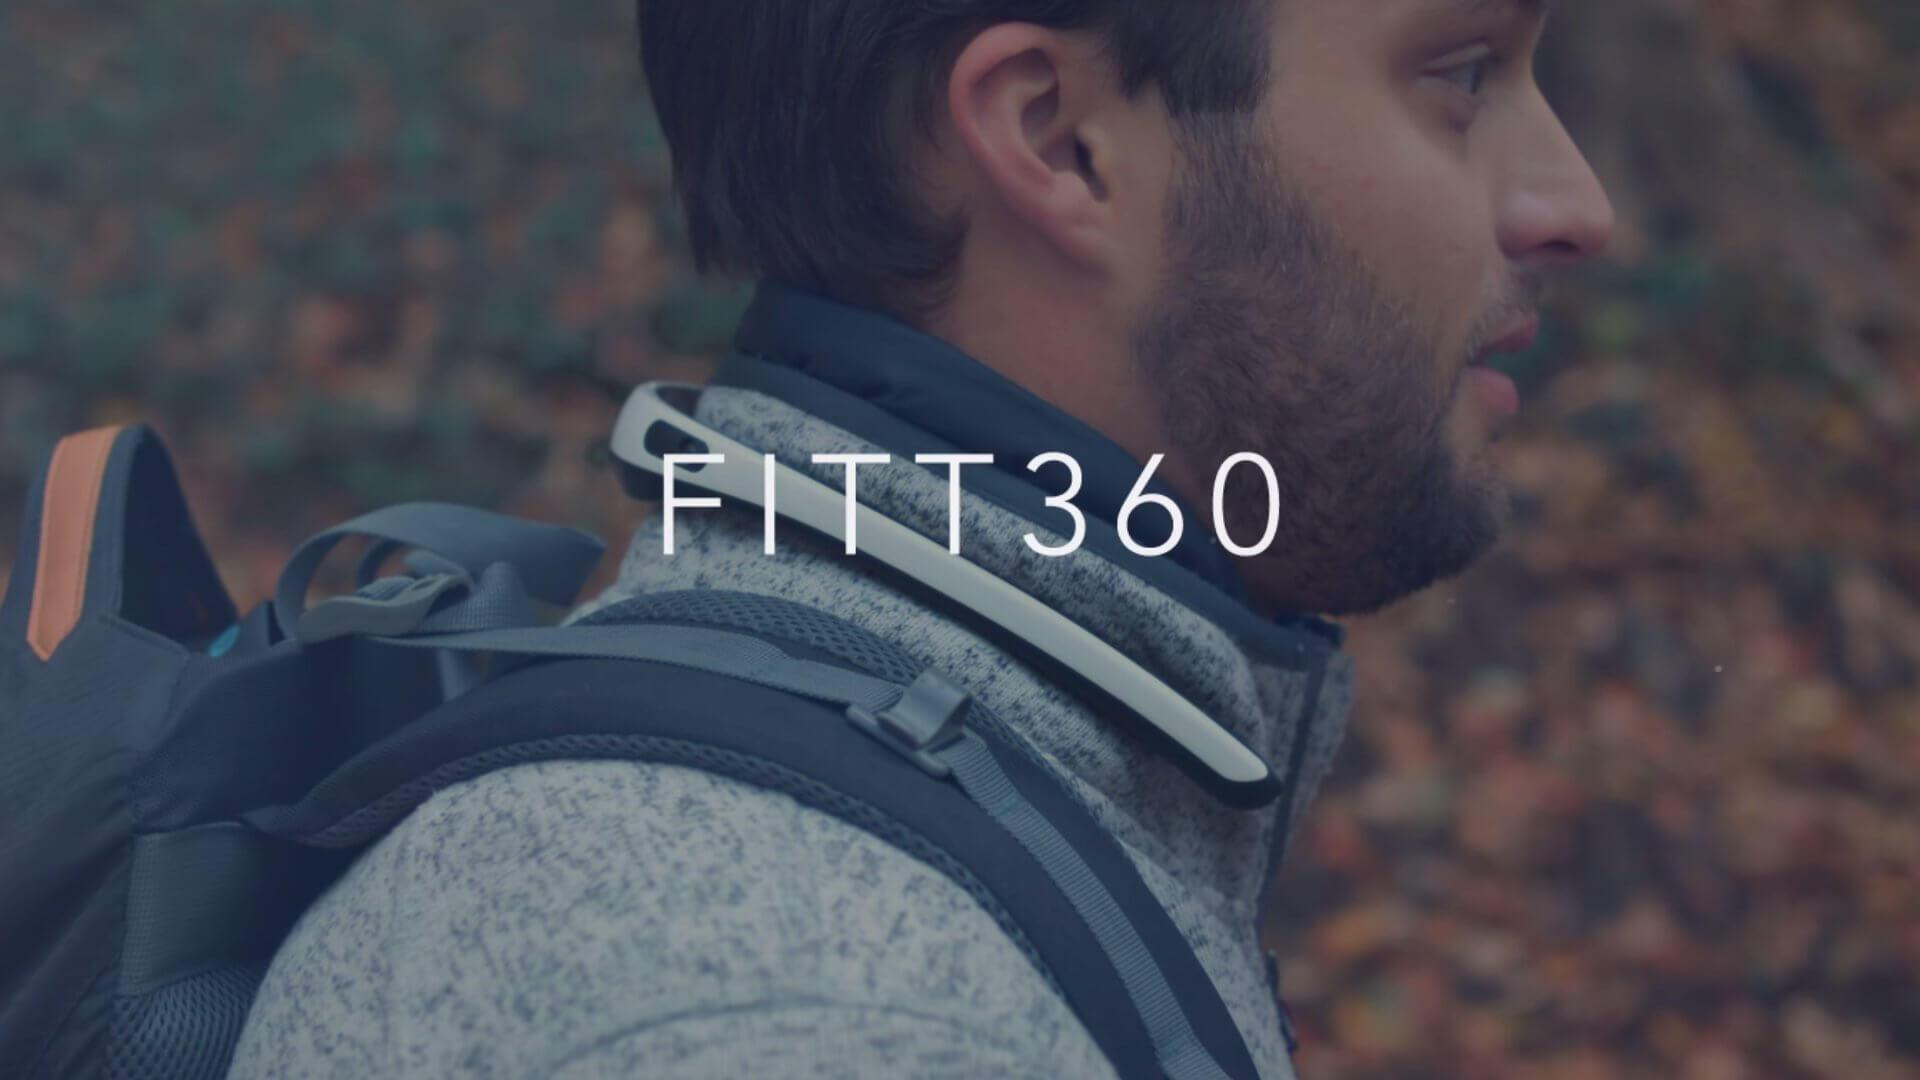 首にかけるU型のウェアラブル360度カメラ:FITT360